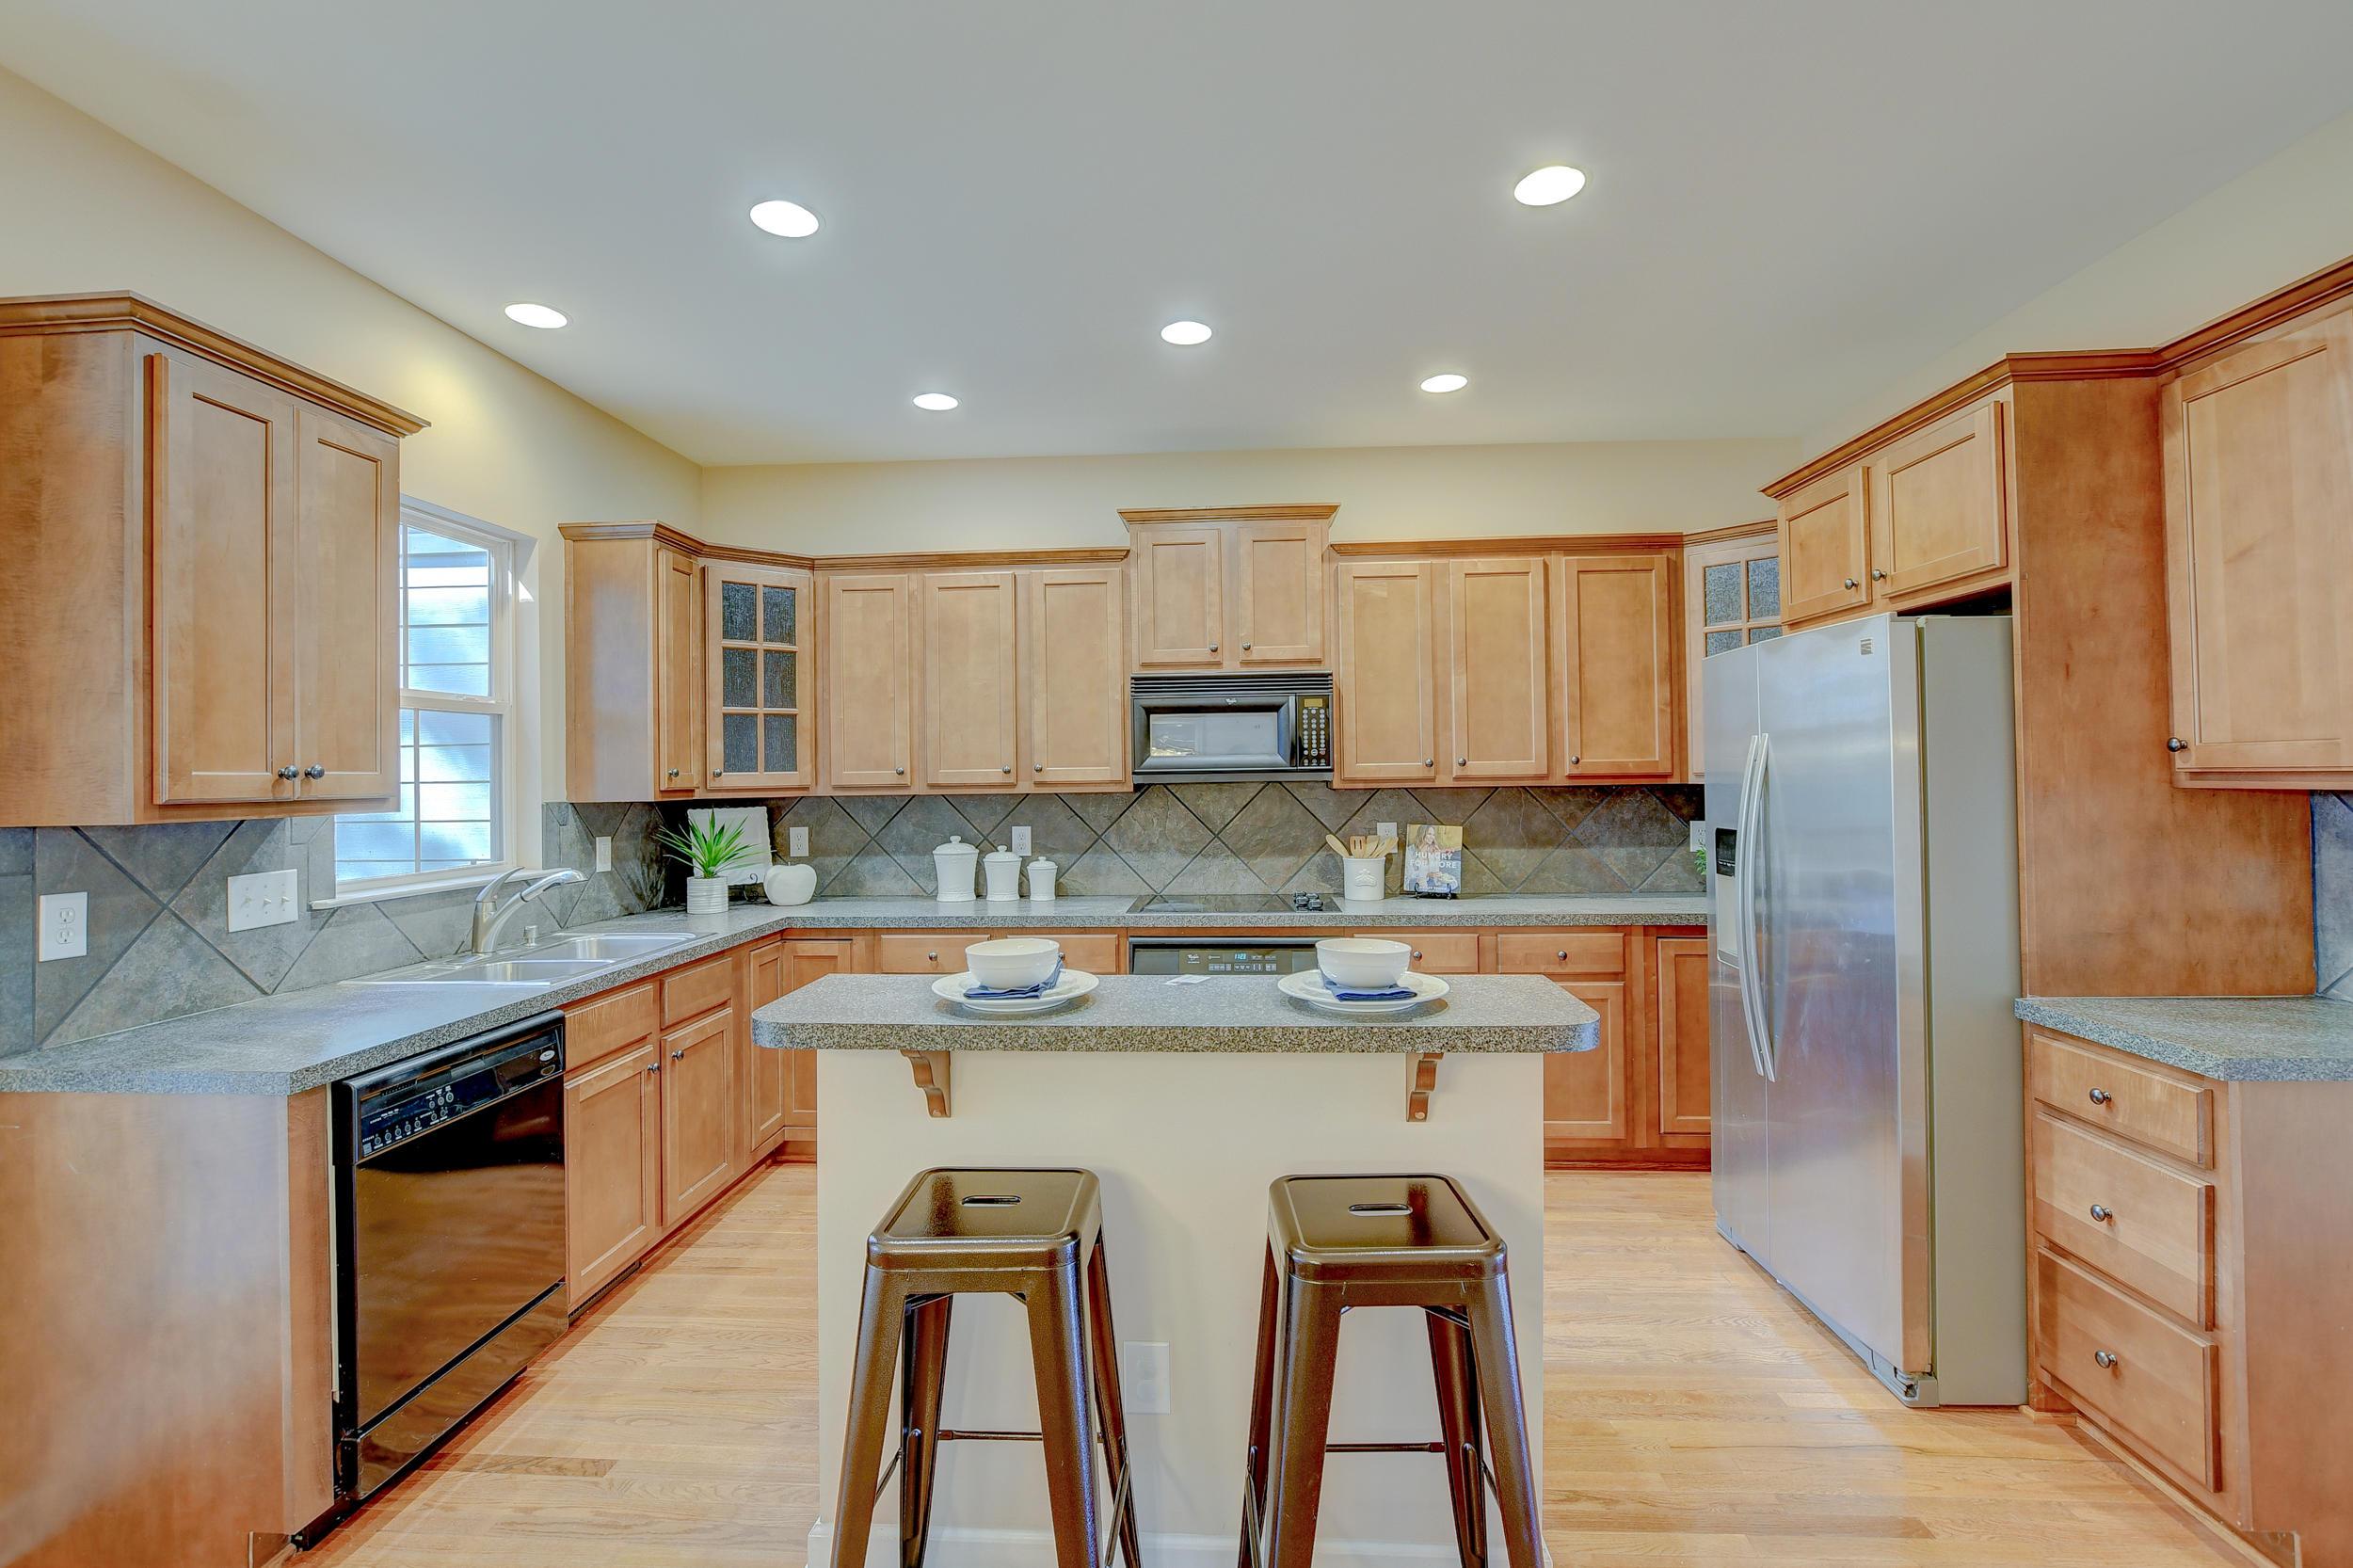 Dunes West Homes For Sale - 264 Fair Sailing, Mount Pleasant, SC - 11